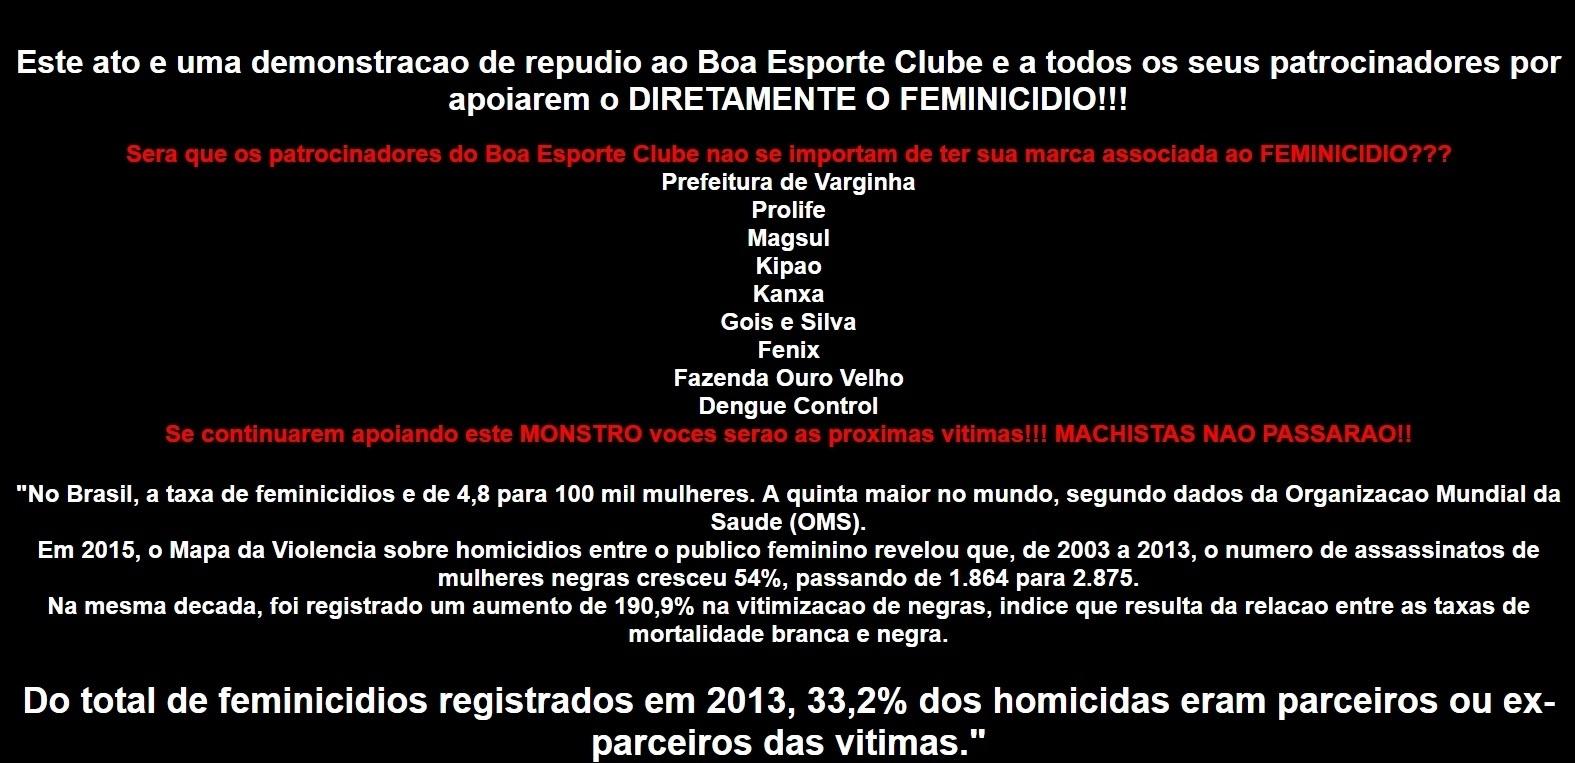 Site do Boa é invadido por hackers e exibe dados sobre feminicídio - Esporte  - BOL 73f4e02c131d1